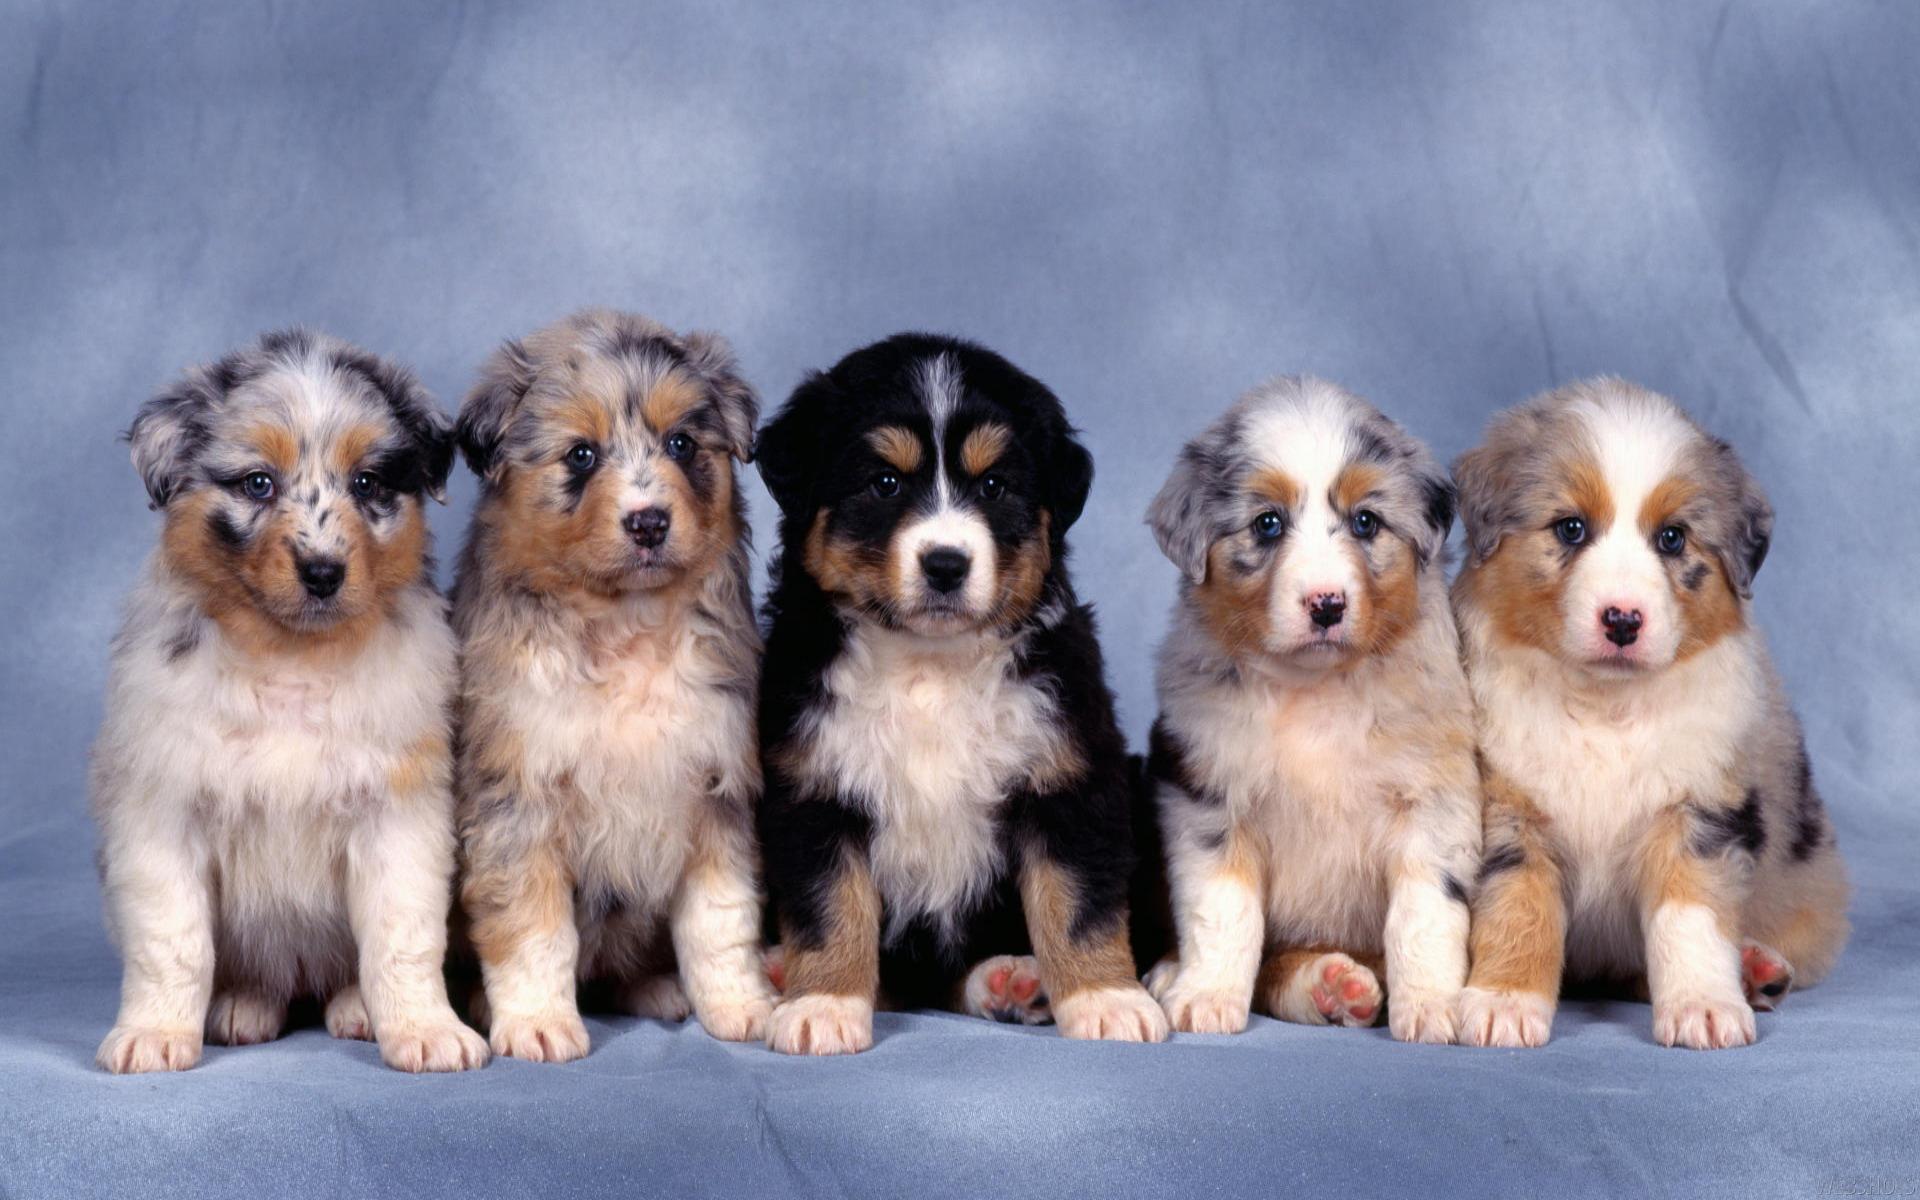 cute dogs wallpaper 92372